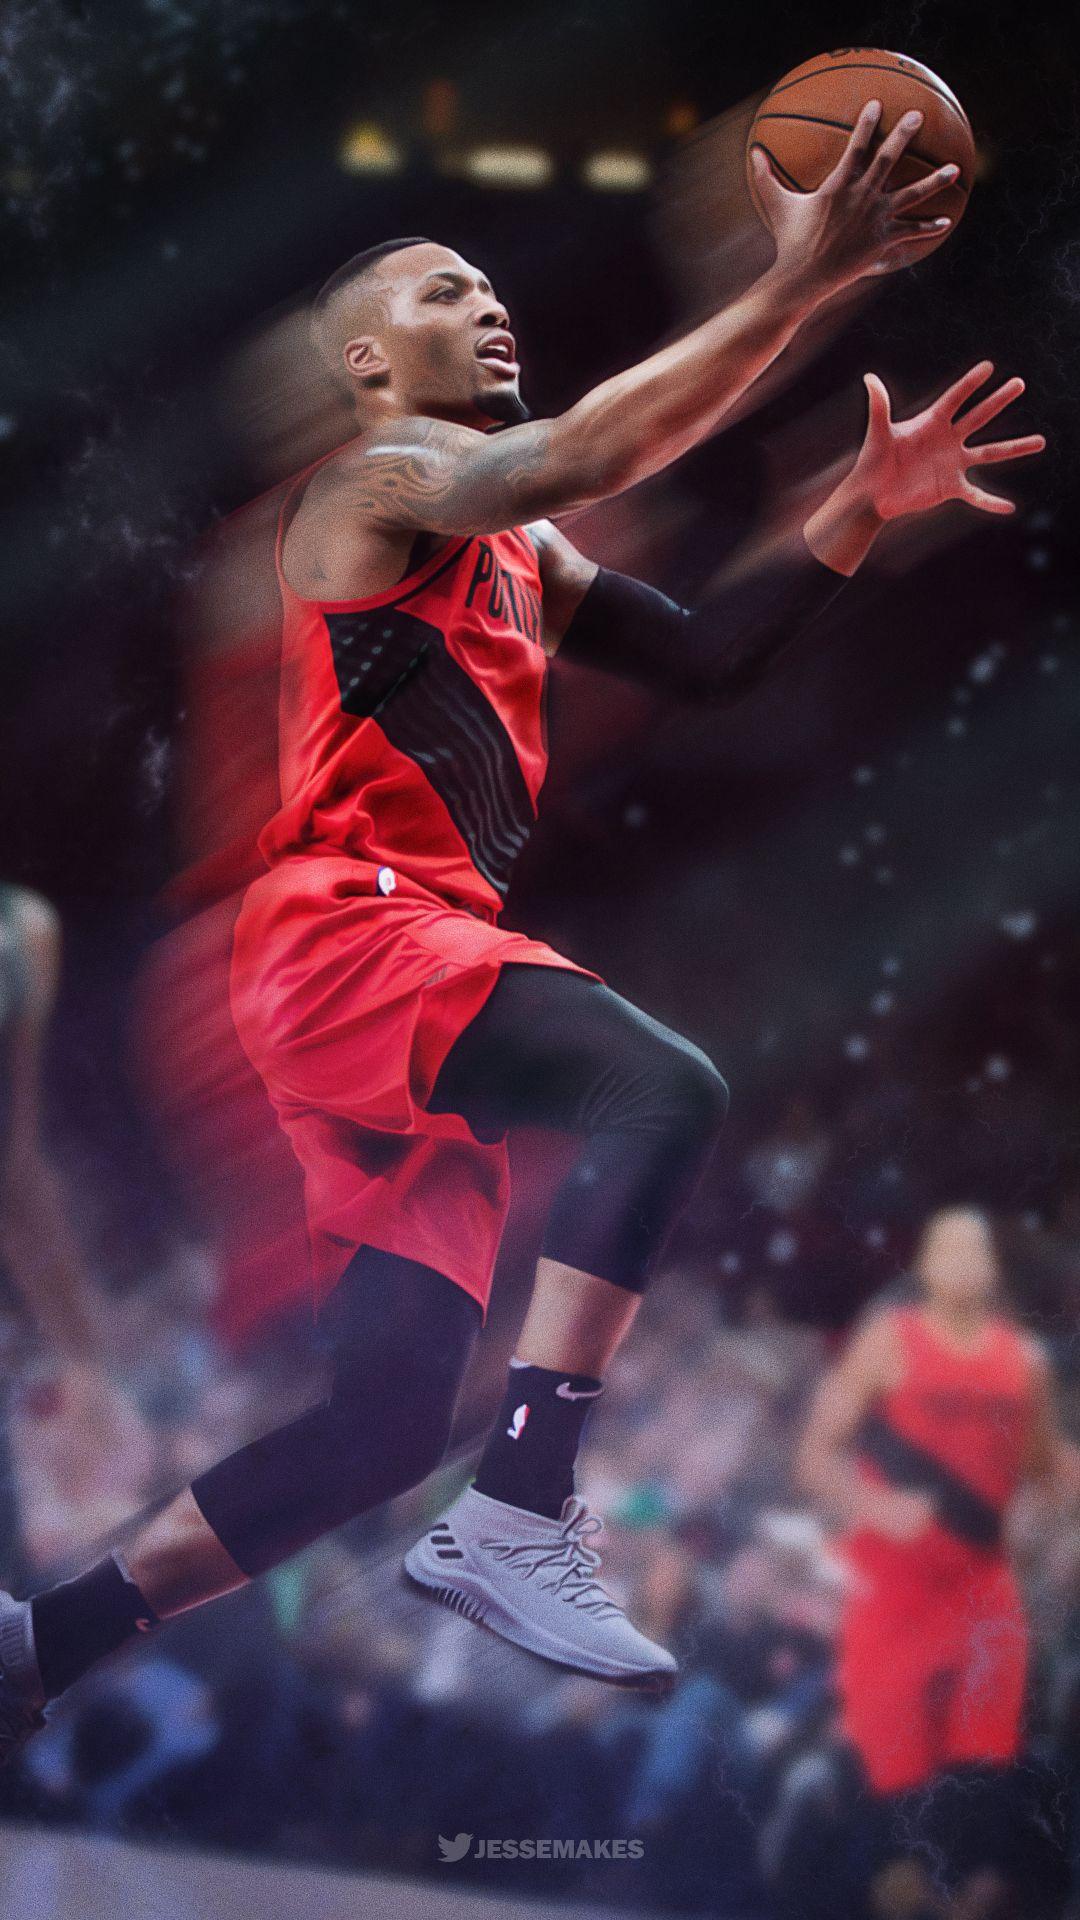 Damian Lillard Nba Basketball Nba Wallpapers Nba Players